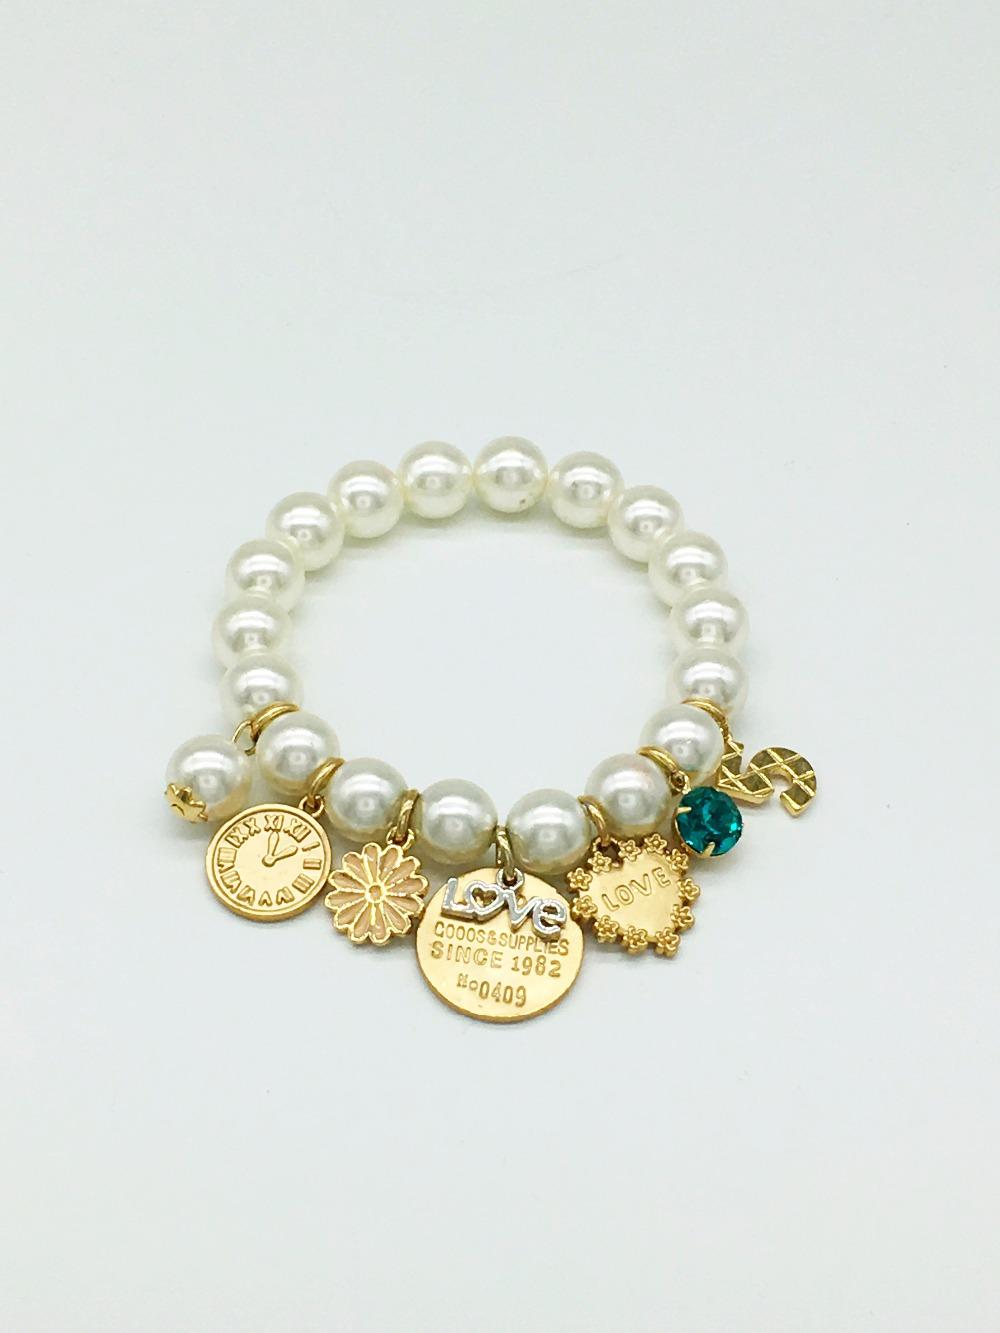 New Design Fashion Elegant Charm Daisy Rhinestone Pendant Simulated Pearl Bracelet Statement Wholesale(China (Mainland))